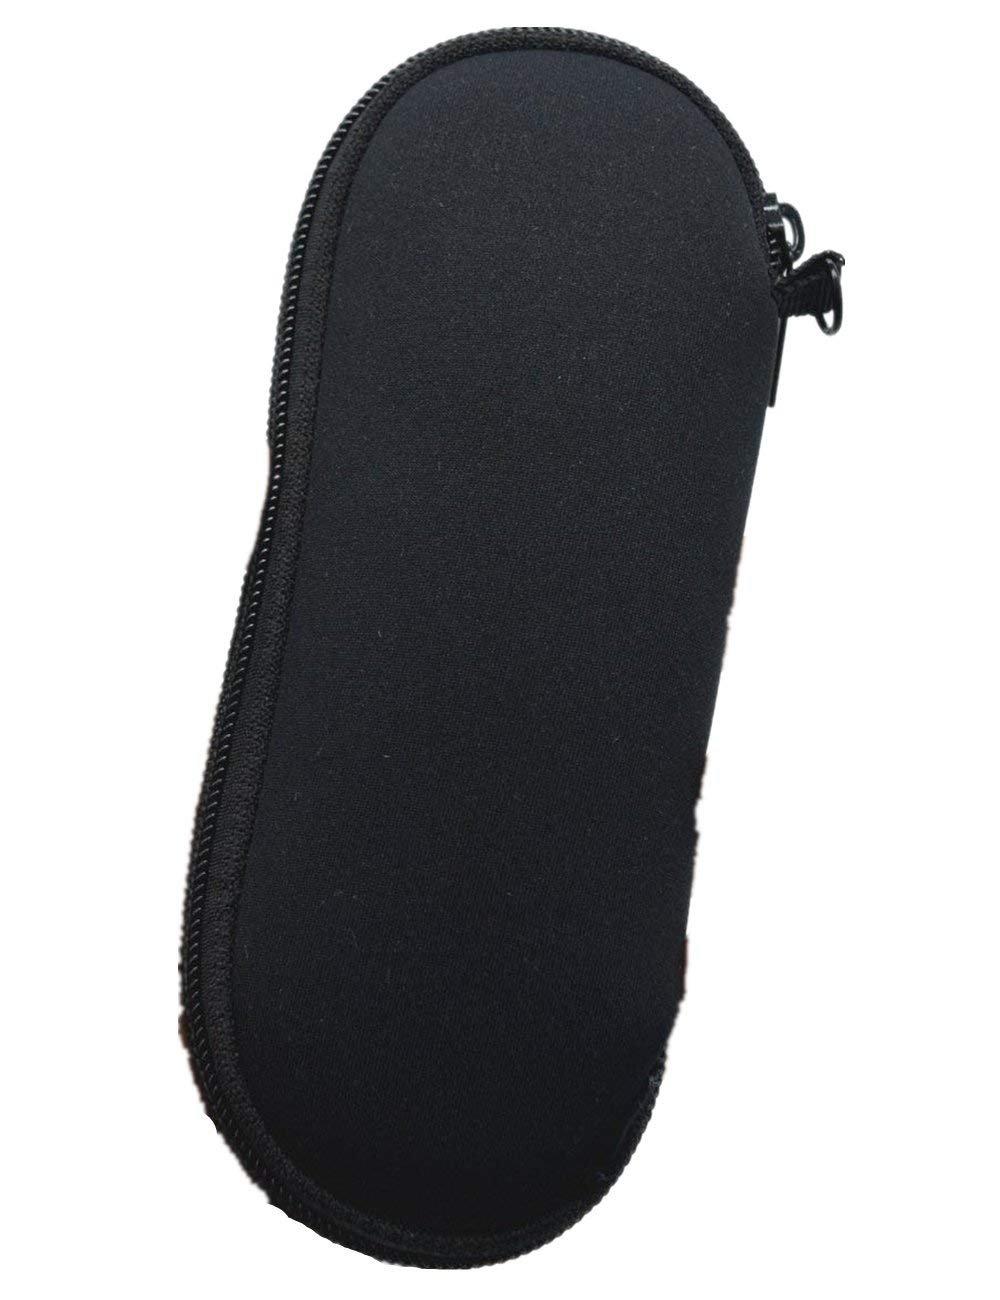 BASELIFE Tragbar Schl/üsselanh/ängerform Schutzh/ülle Sonnenbrille Soft Case Ultra Light Rei/ßverschluss Schwimmen Brillenetui f/ür Herren und Damen